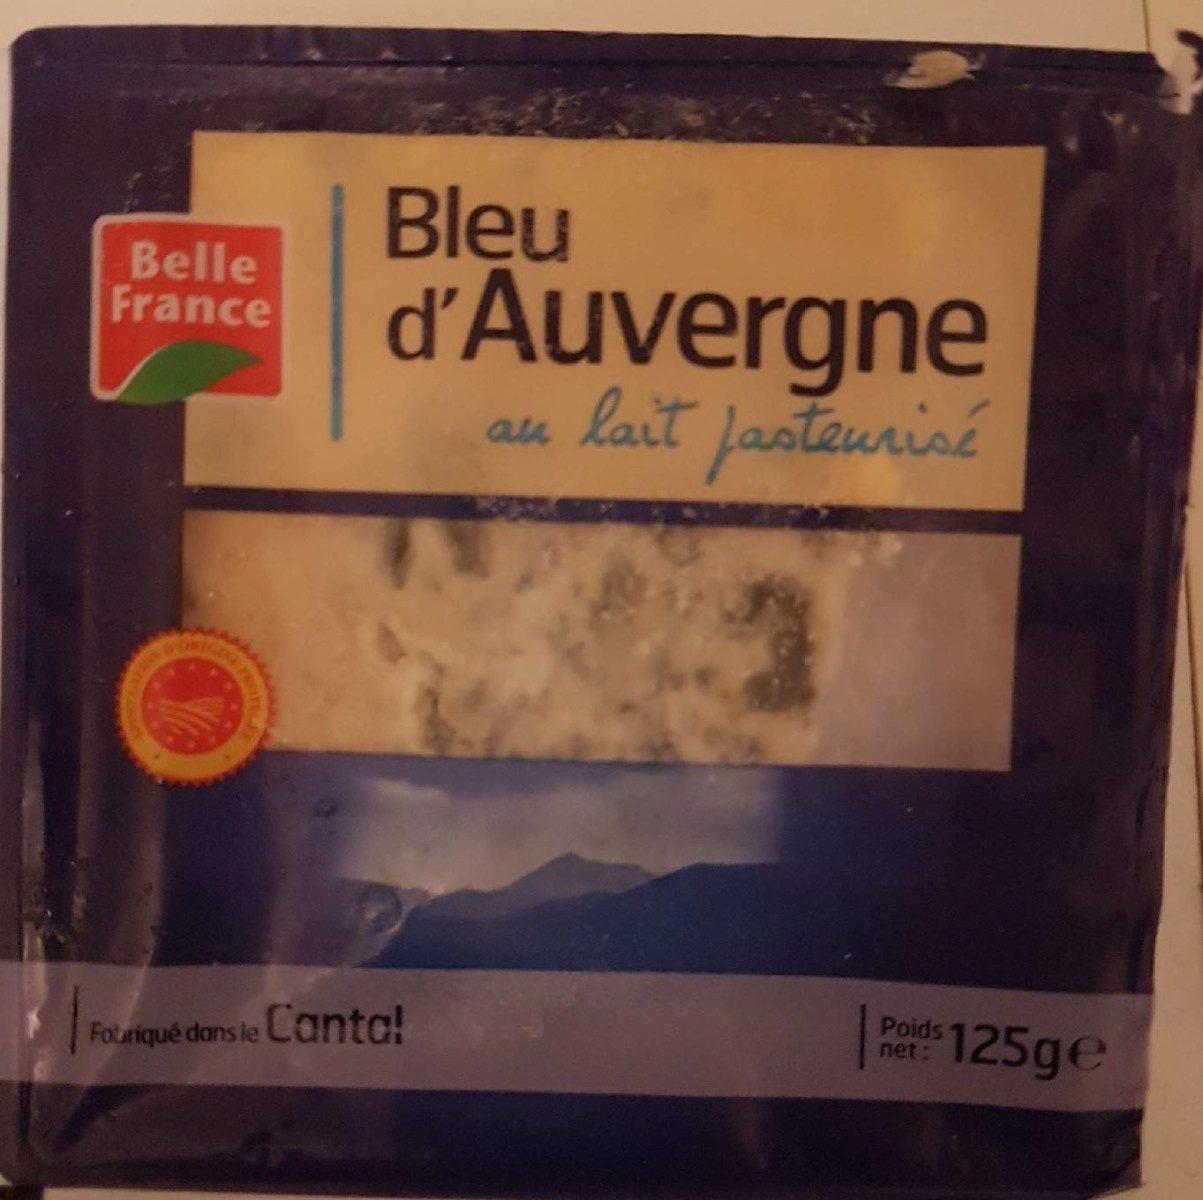 Bleu D'Auvergne 125G - Product - fr